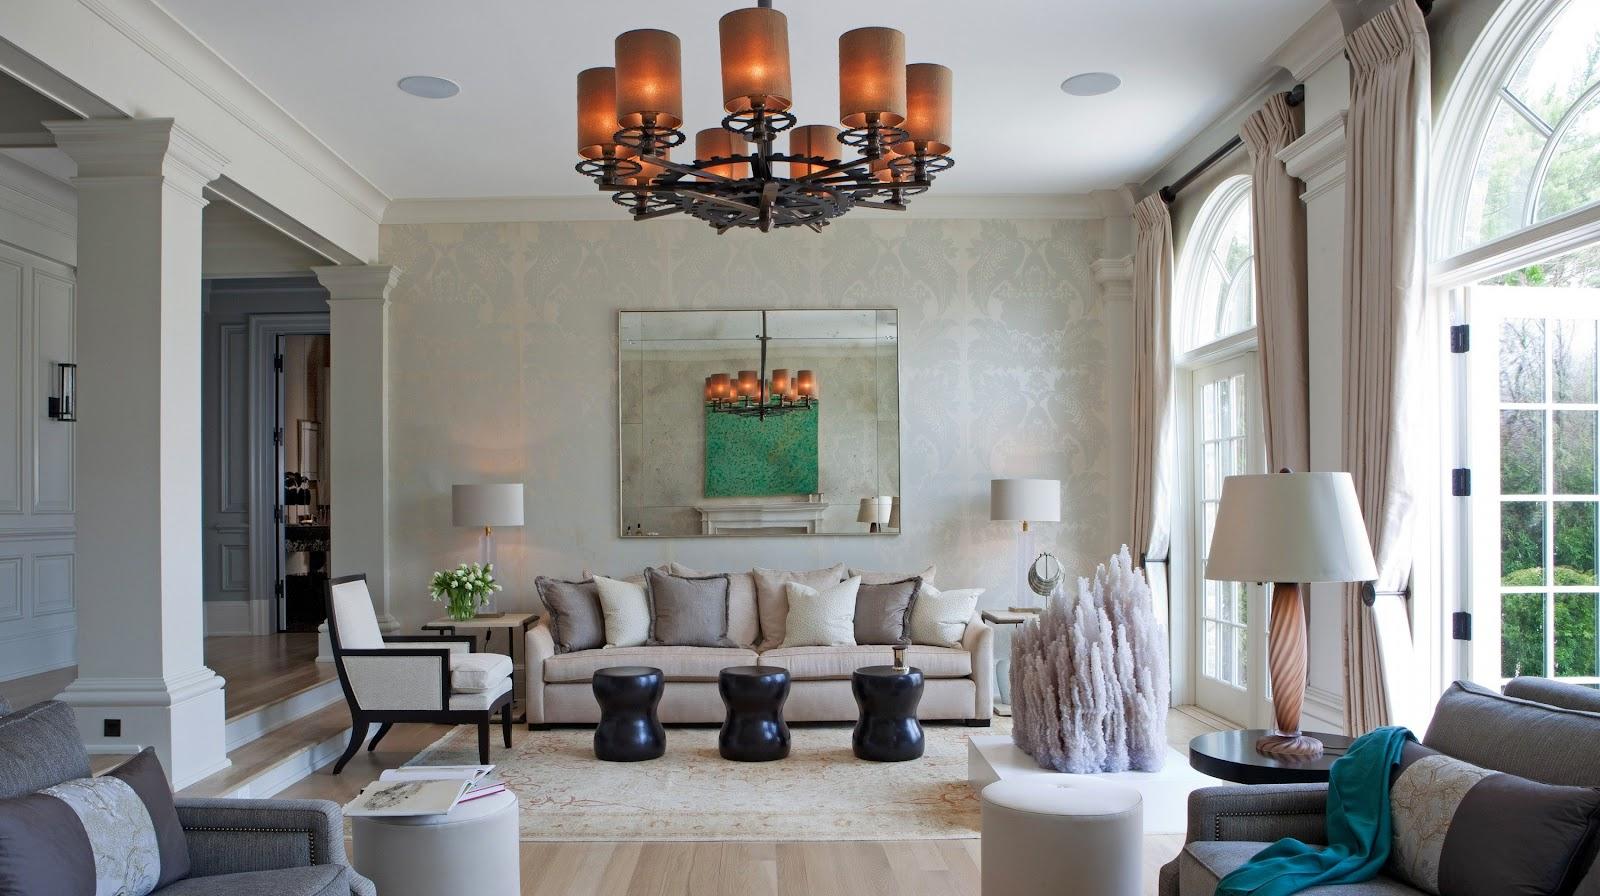 Hunian dengan desain interior art deco karya studio desain interior Taylor Howes - source: taylorhowes.co.uk